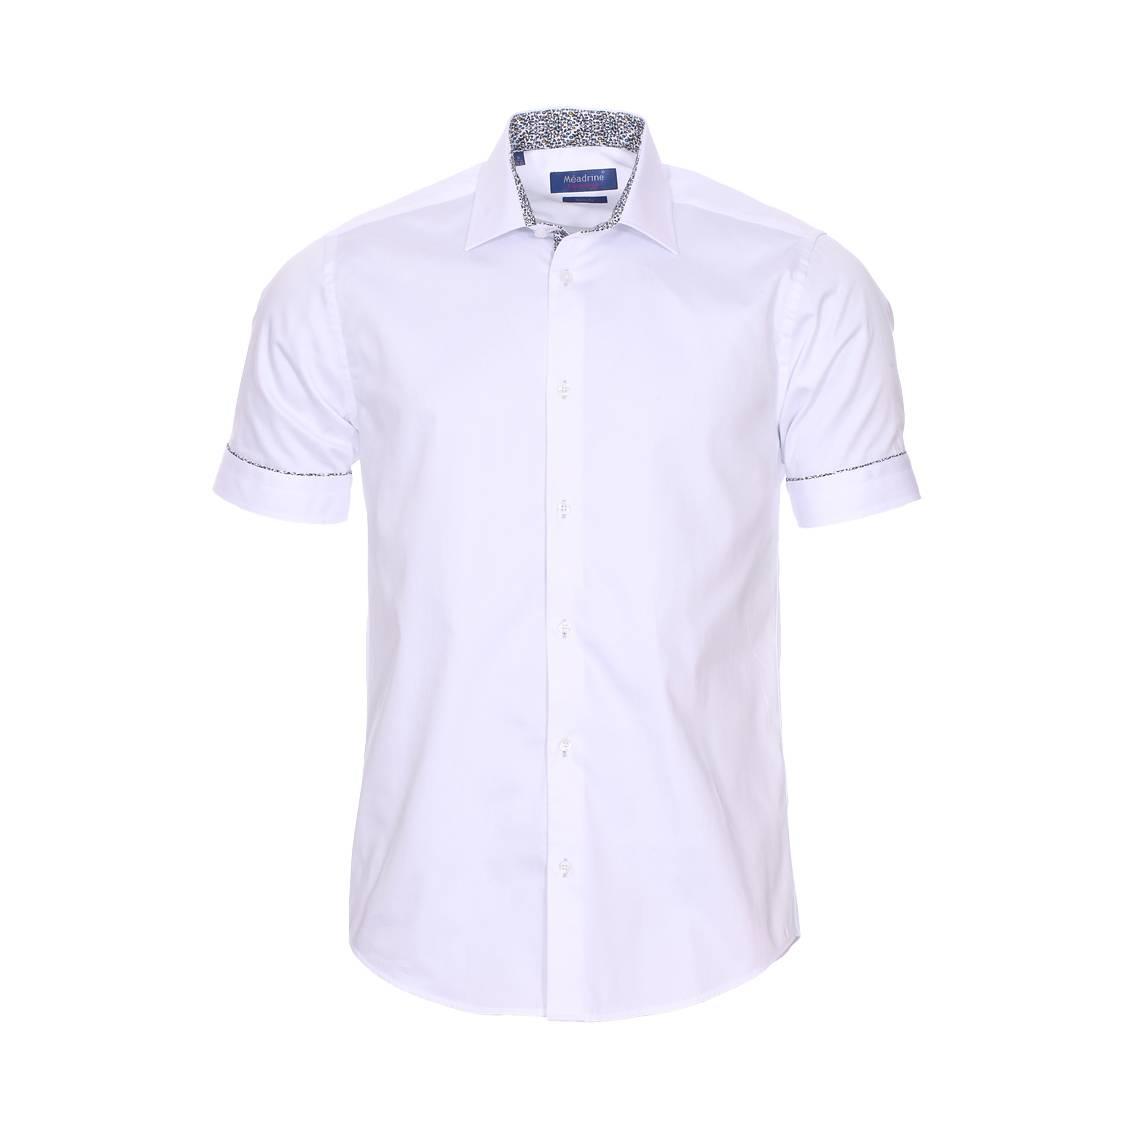 Chemise manches courtes cintrée  basic en coton blanc à opposition imprimé floral fantaisie